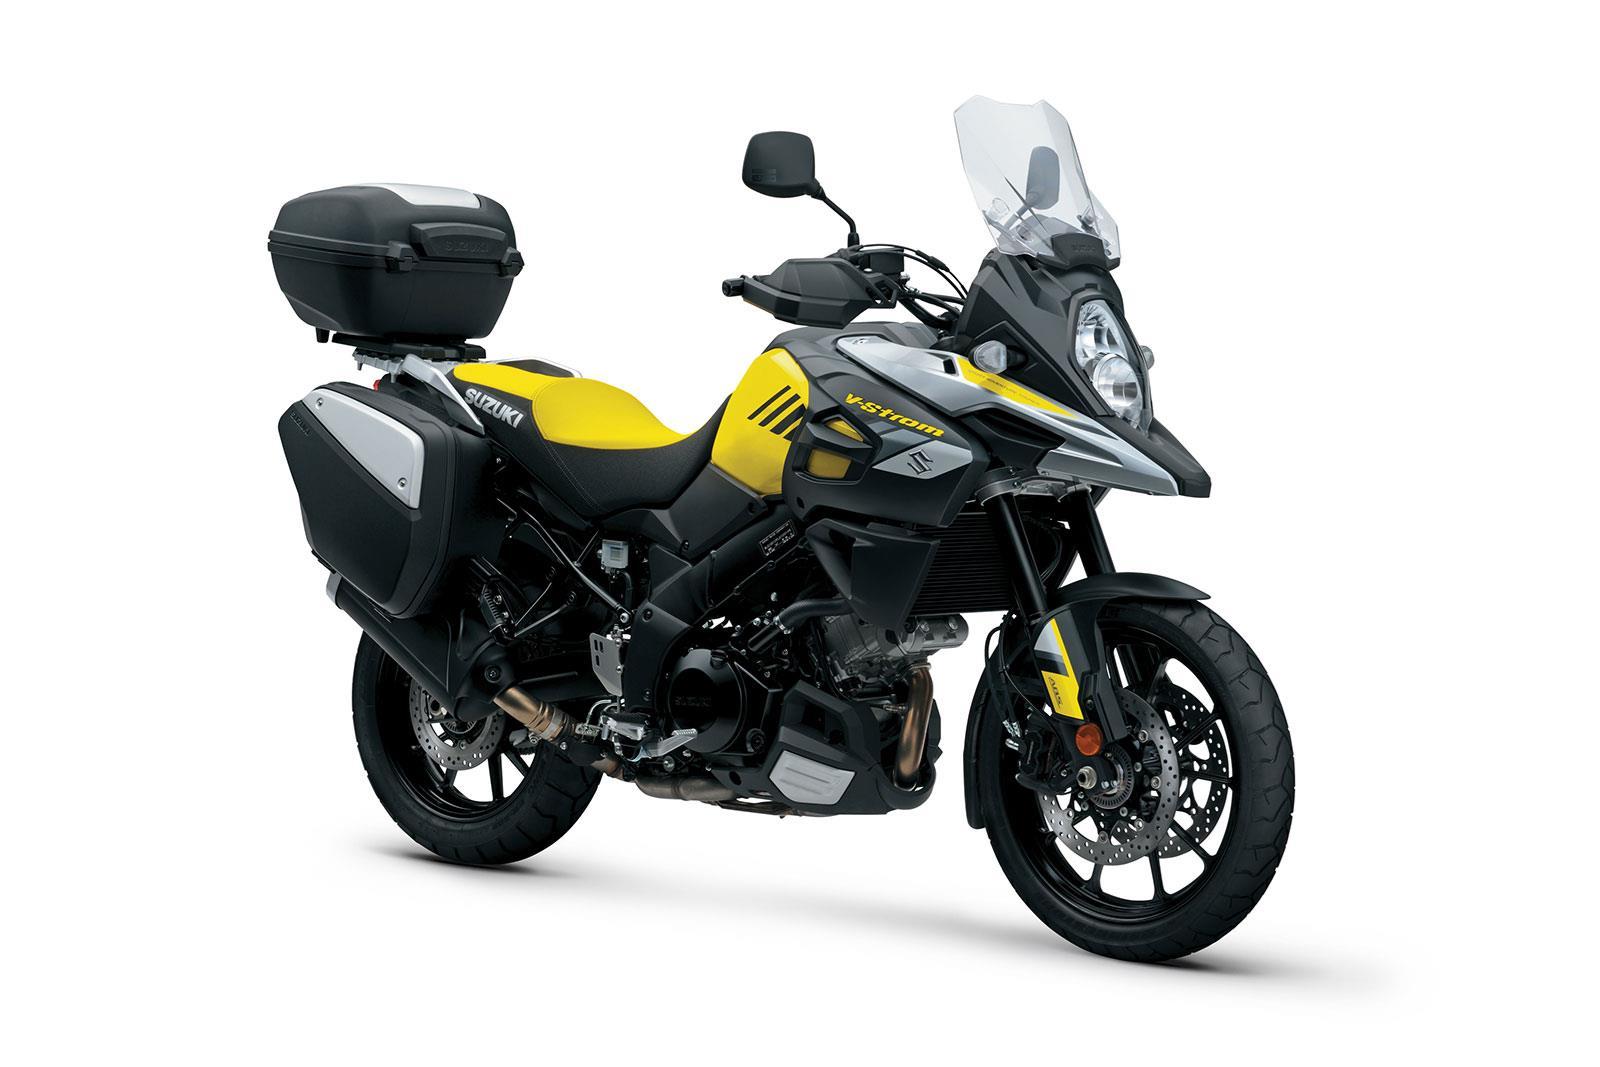 Suzuki's V-Strom range gets GT upgrades | MCN